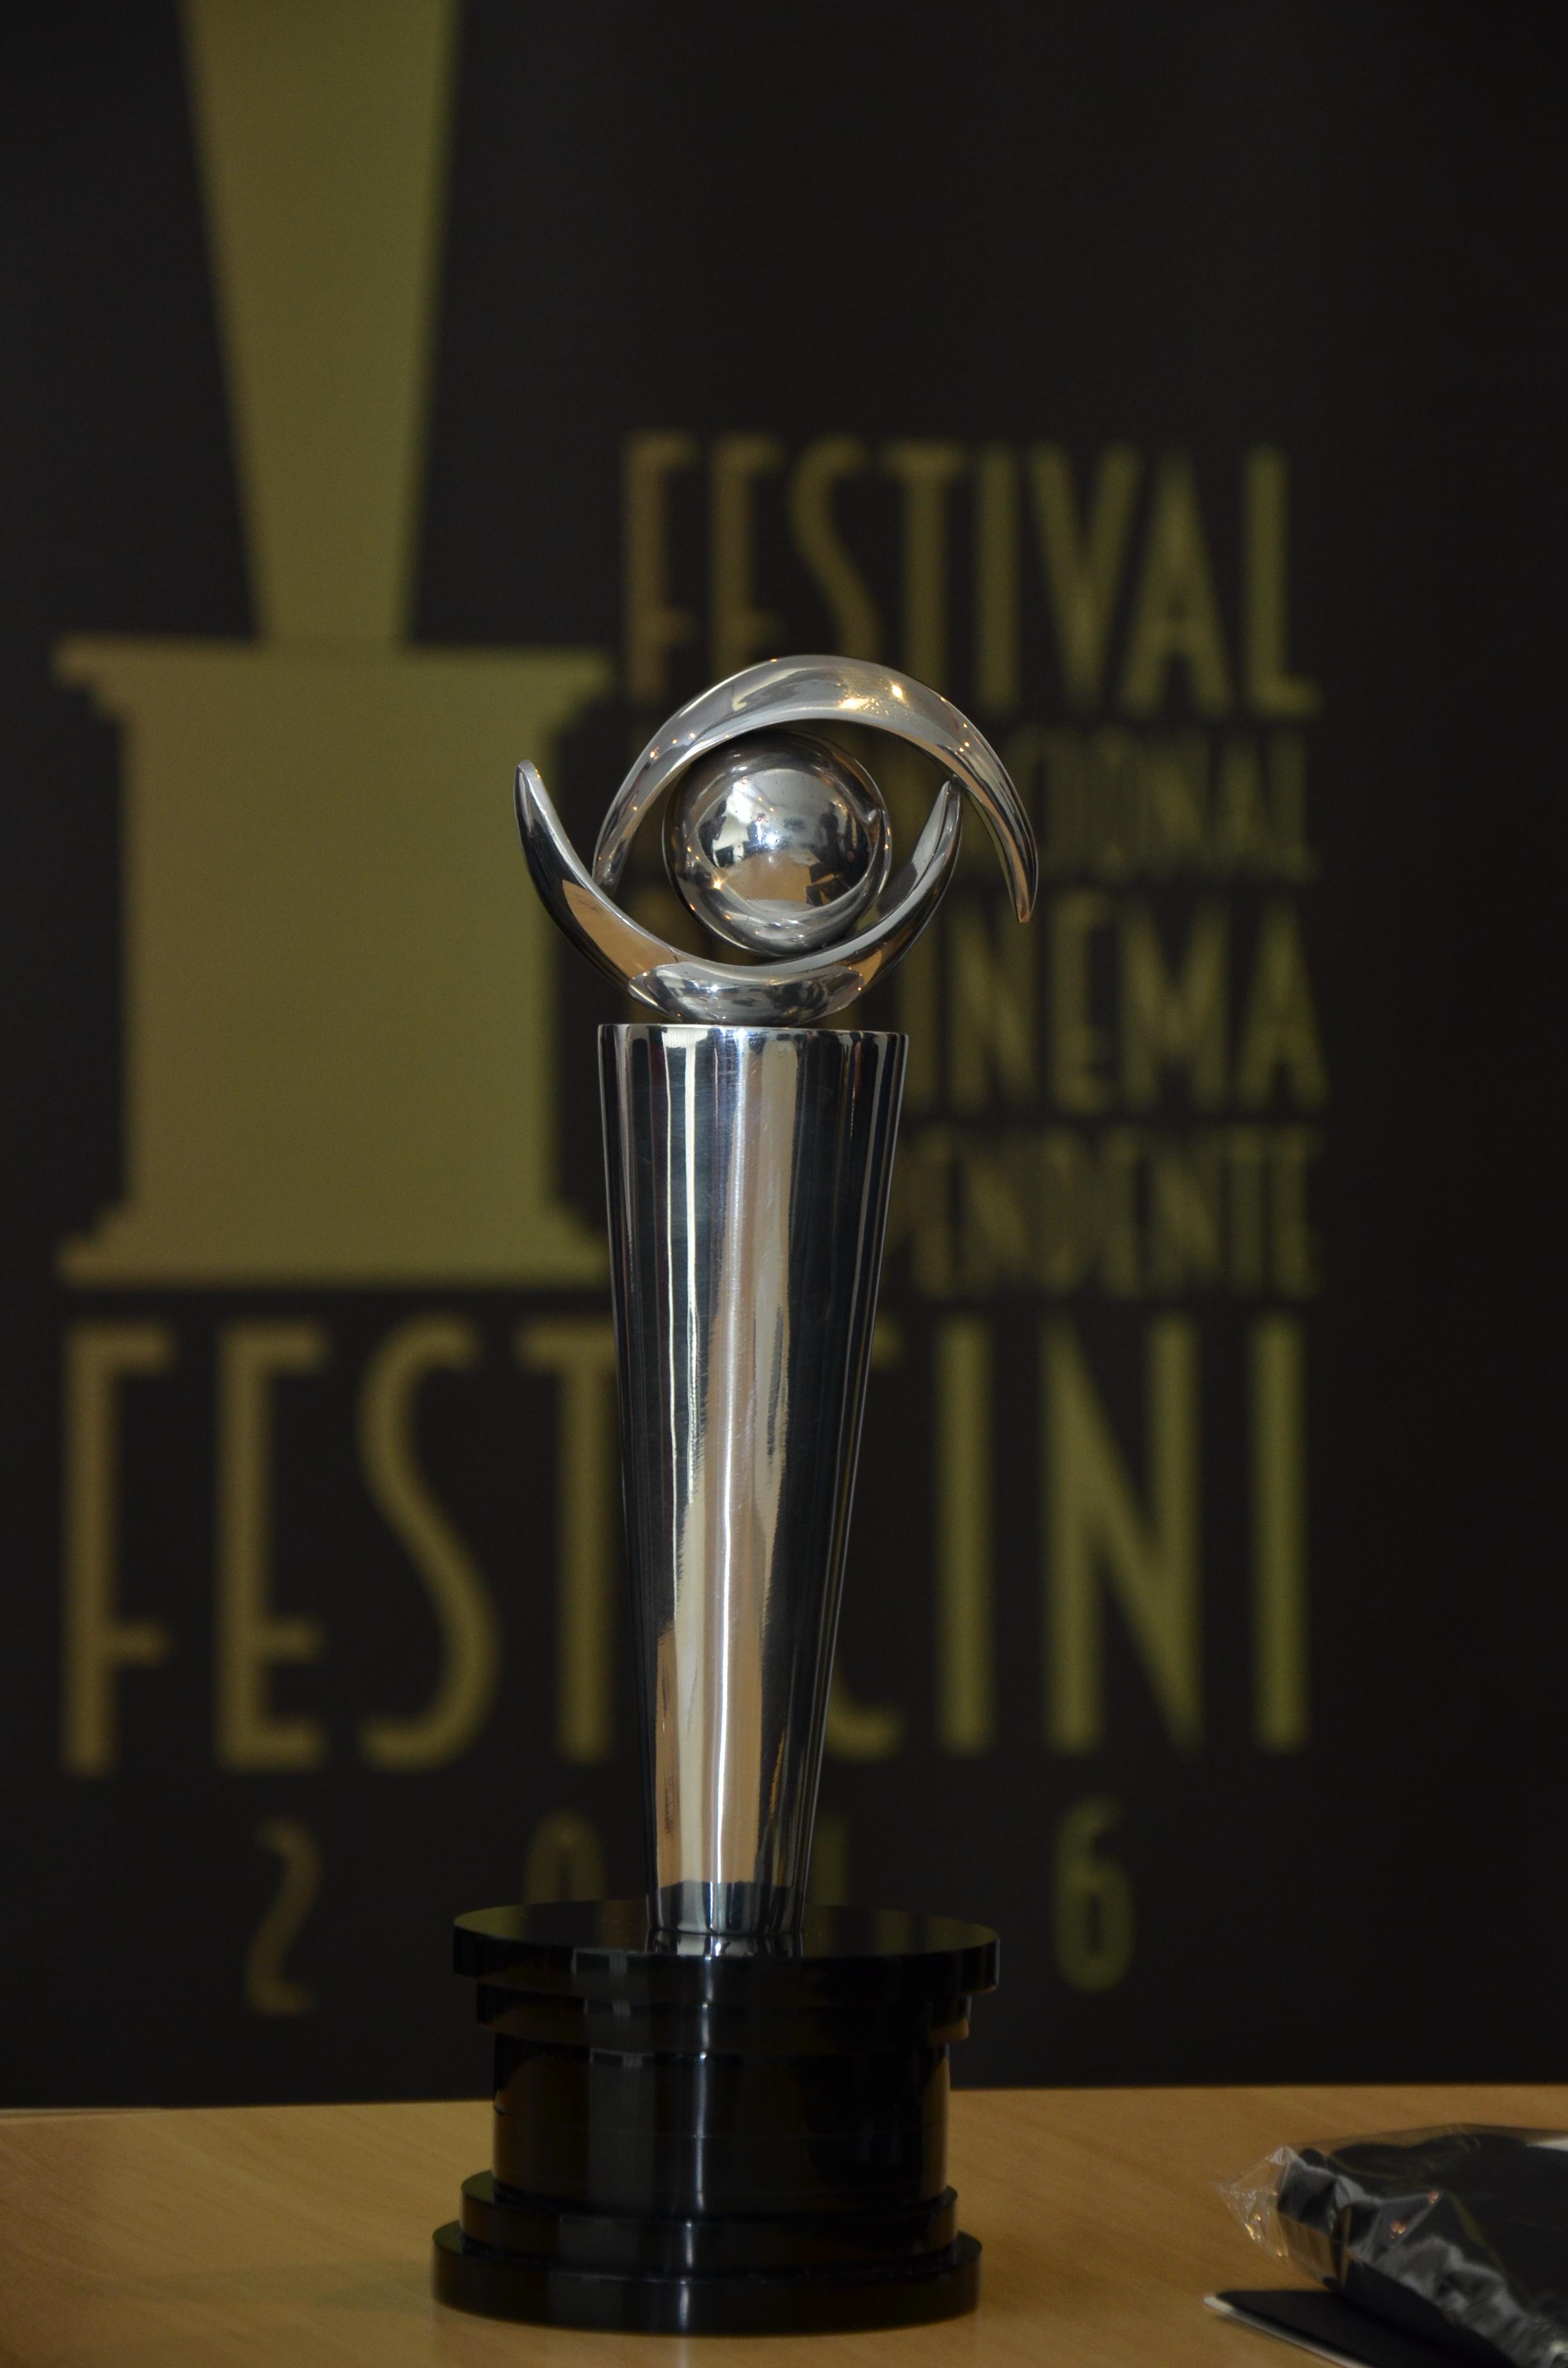 Categoria melhor filme ambiental é uma das novidades do 3º FESTICINI